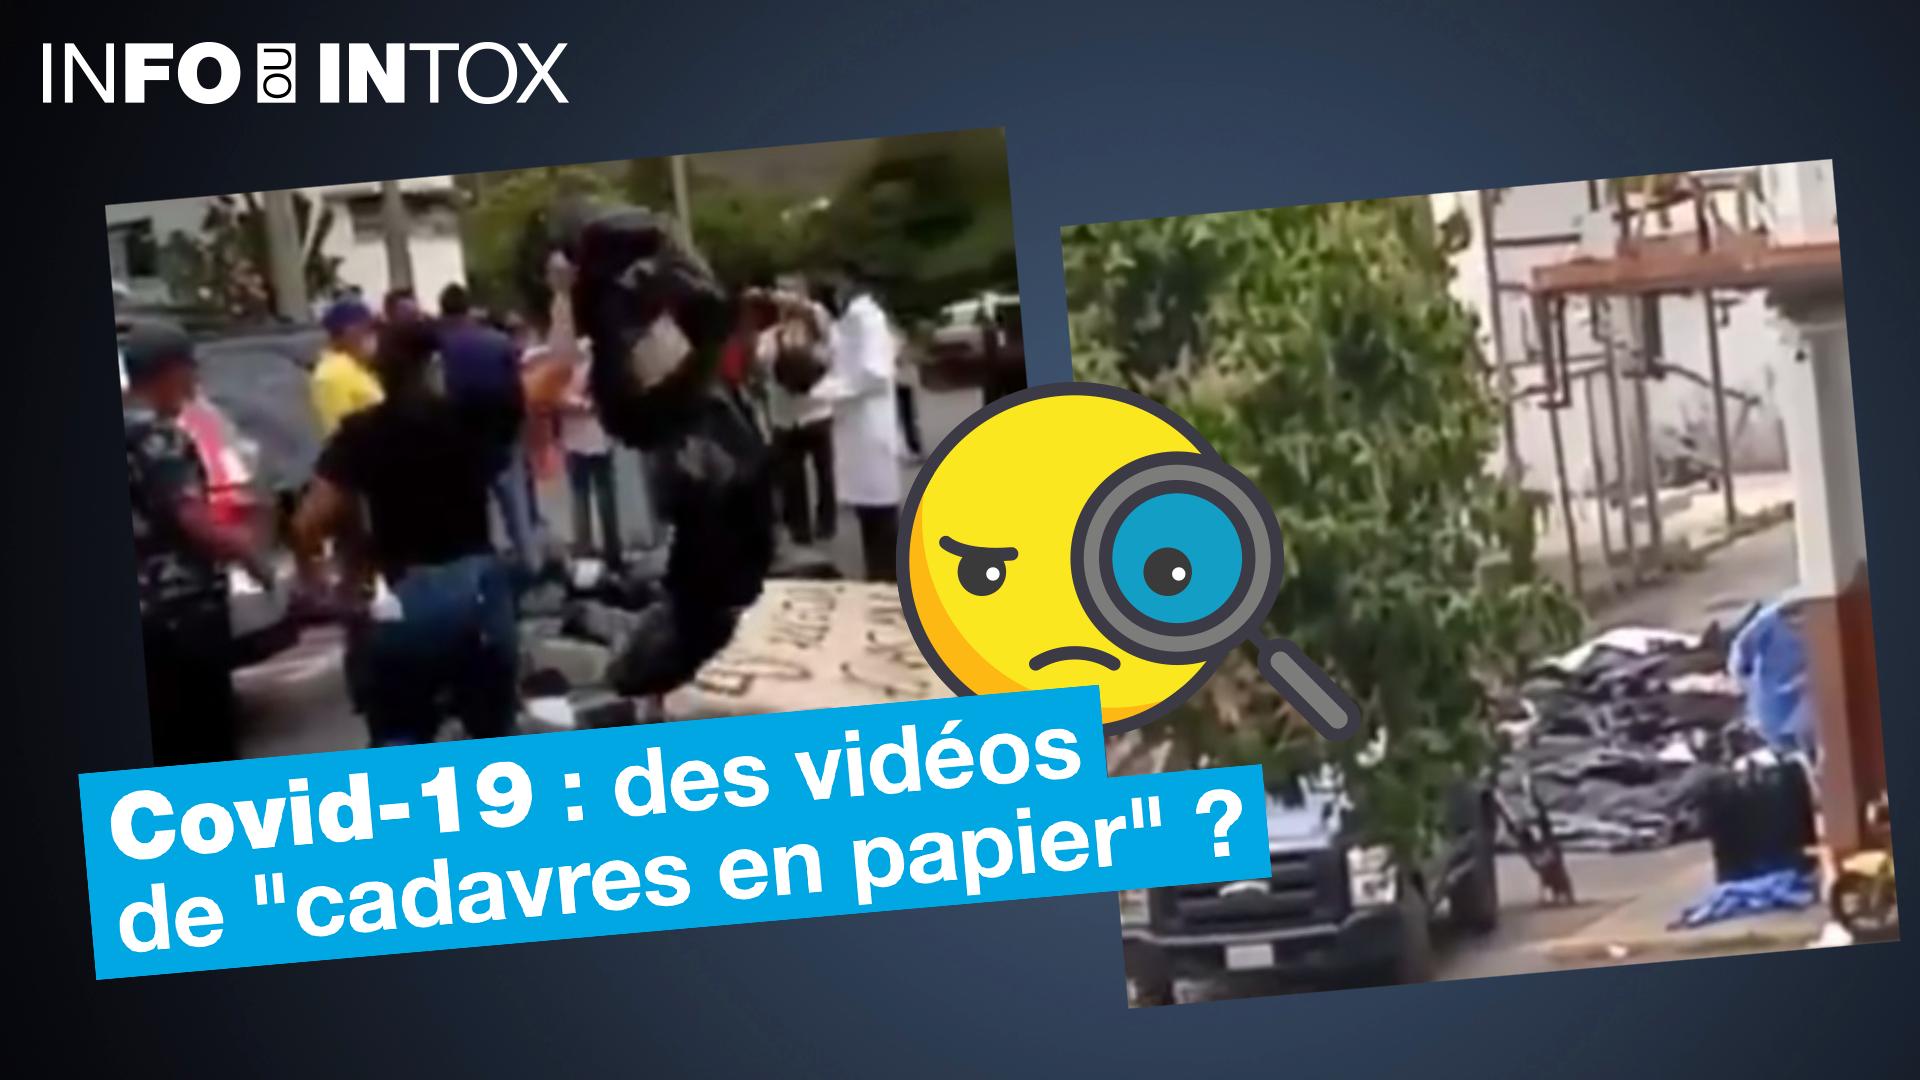 """Une vidéo montrerait de """"faux cadavres en papier"""" er personnes décédées du Covid-19. On a retracé l'origine de cette vidéo."""